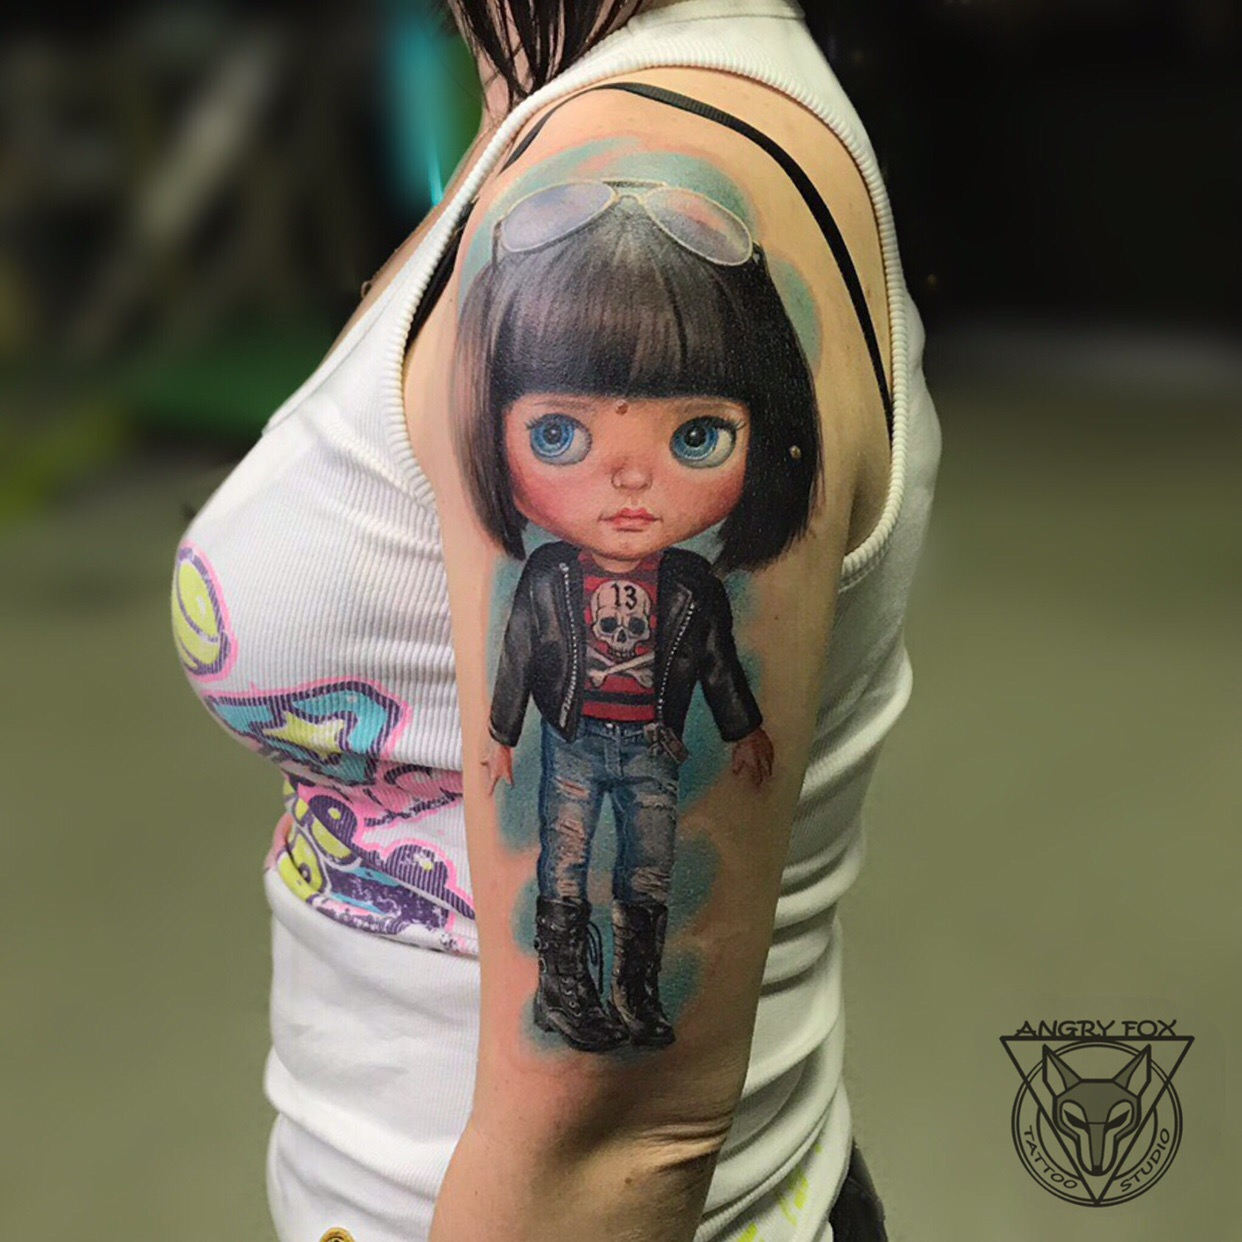 Татуировка, тату, рука, плечо, девушка, кукла, очки, куртка, берцы, джинсы, череп, 13, реализм